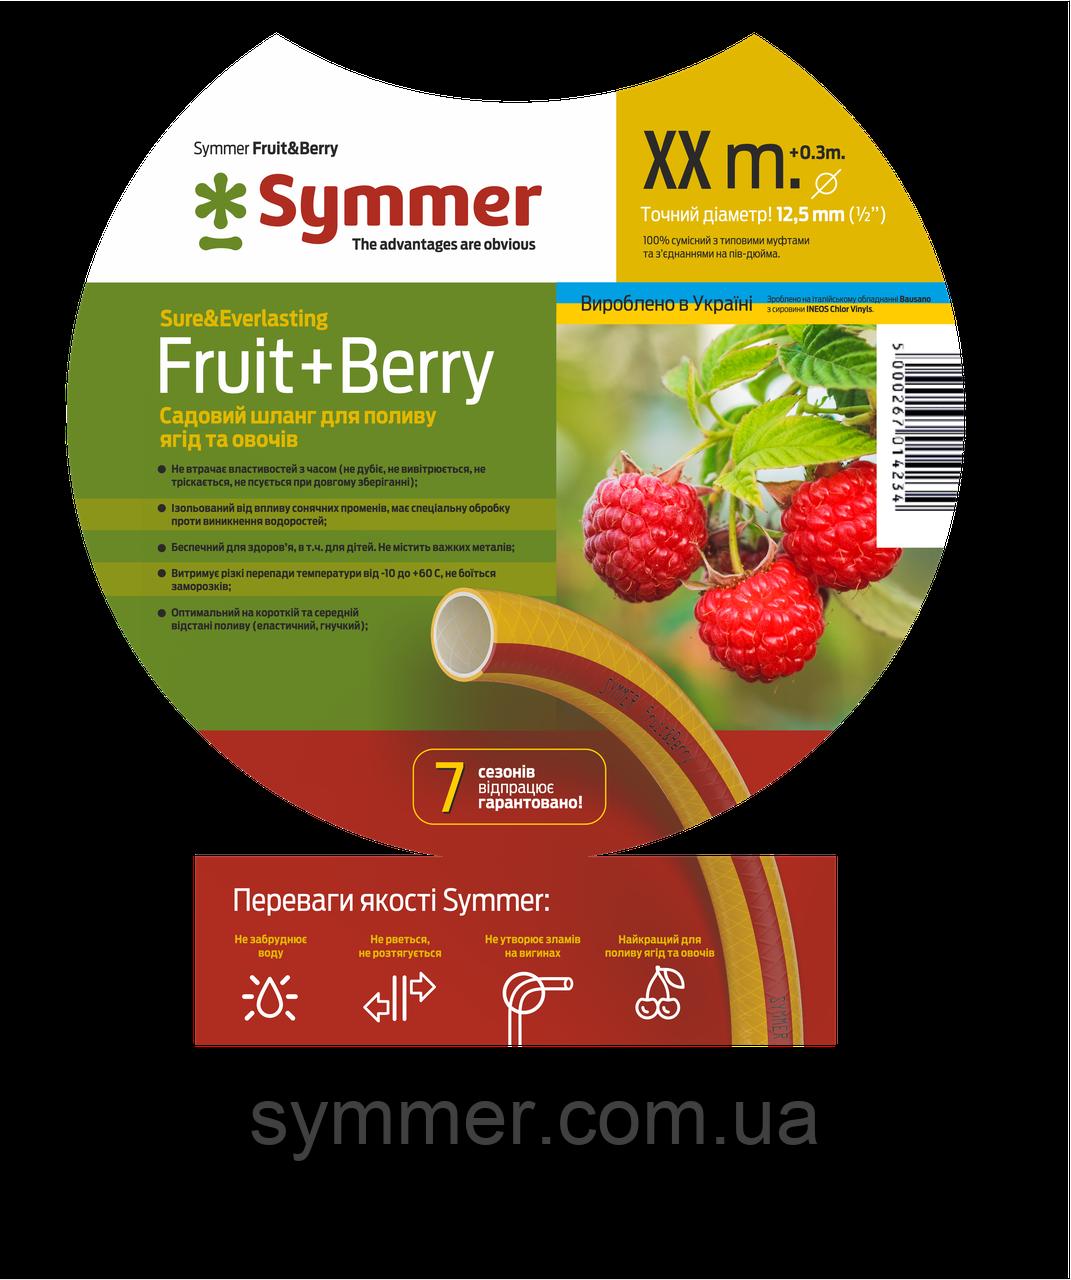 """Пищевой садовый шланг для полива SYMMER GARDEN """"Fruit+Berry""""  1"""" 25м"""